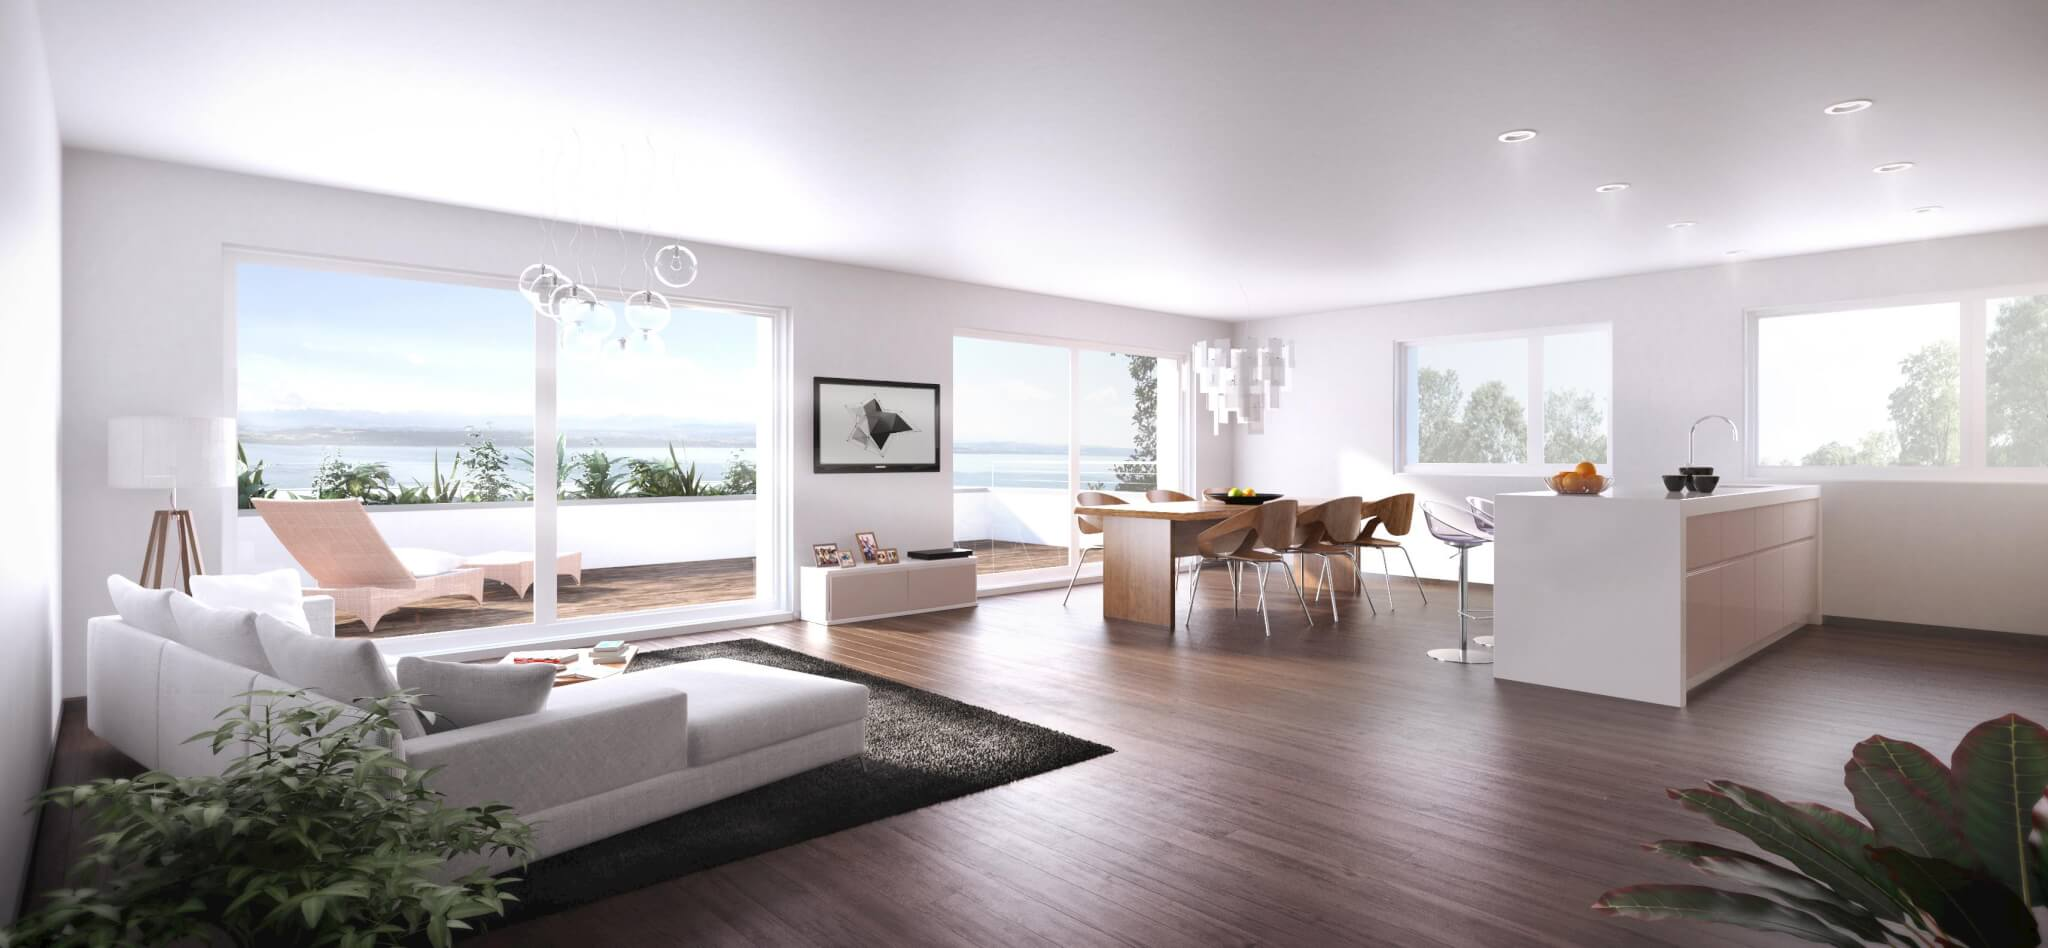 Phong cách thiết kế hiện đại, tối ưu không gian tự nhiên trong từng căn hộ